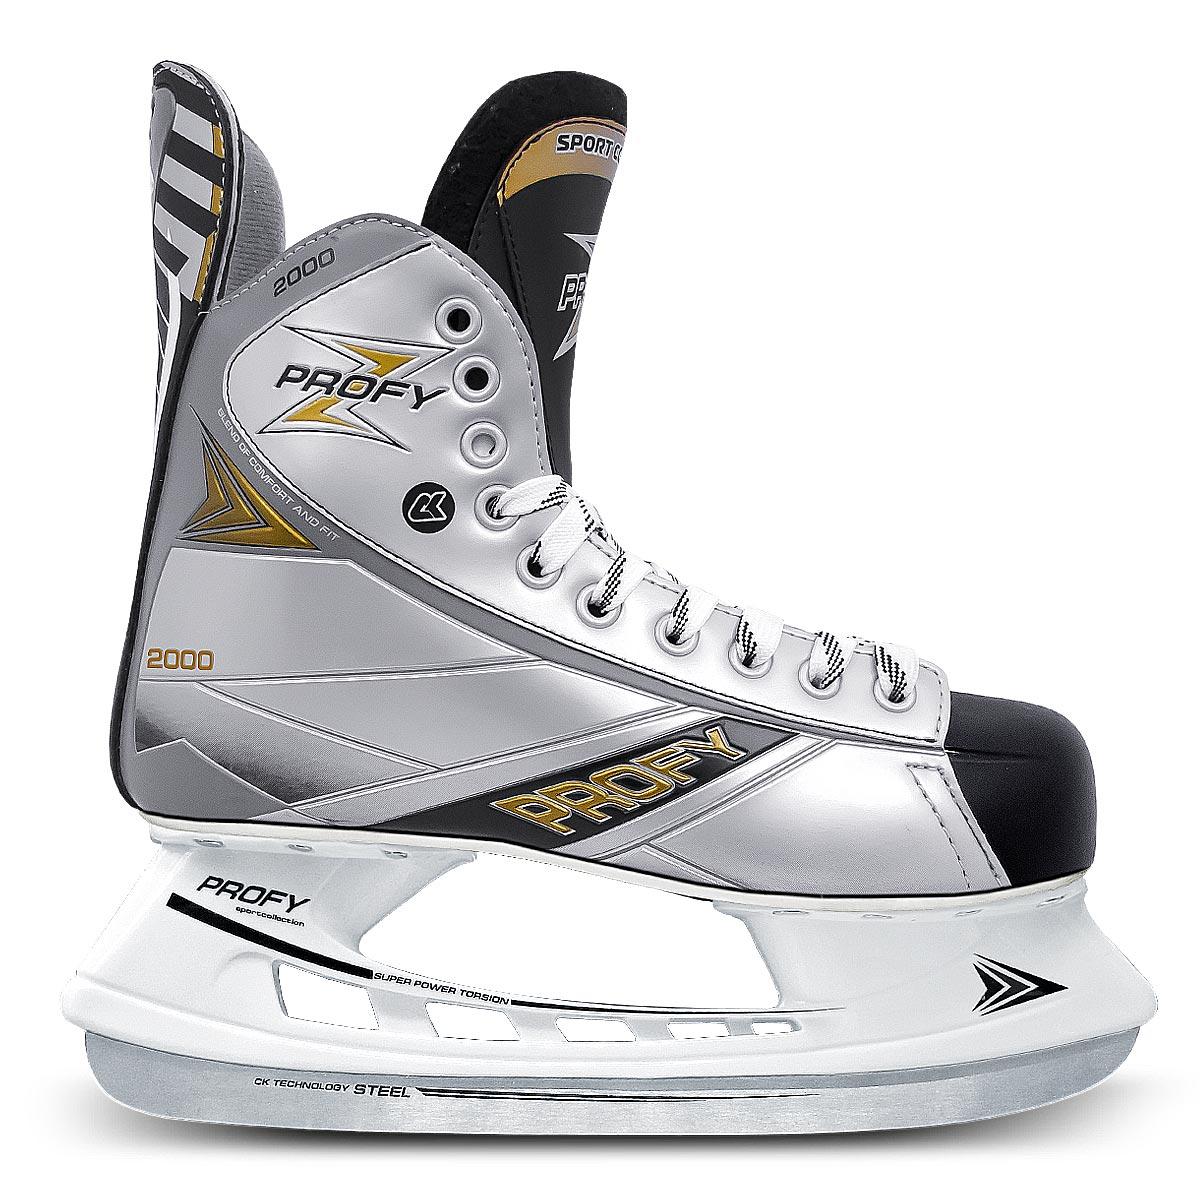 Коньки хоккейные мужские СК Profy Z 2000, цвет: черный, серый. Размер 39PROFY Z 2000_черный, серый_39Стильные мужские коньки от CK Profy Z 2000 прекрасно подойдут для начинающих игроков в хоккей. Ботинок выполнен из морозоустойчивой искусственной кожи и ПВХ. Мыс дополнен вставкой, которая защитит ноги от ударов. Внутренний слой и стелька изготовлены из мягкого текстиля, который обеспечит тепло и комфорт во время катания, язычок - из войлока. Плотная шнуровка надежно фиксирует модель на ноге. Голеностоп имеет удобный суппорт. По верху коньки декорированы тиснением в виде логотипа бренда. Подошва - из твердого пластика. Стойка выполнена из ударопрочного поливинилхлорида. Лезвие из углеродистой нержавеющей стали обеспечит превосходное скольжение. Оригинальные коньки придутся вам по душе.